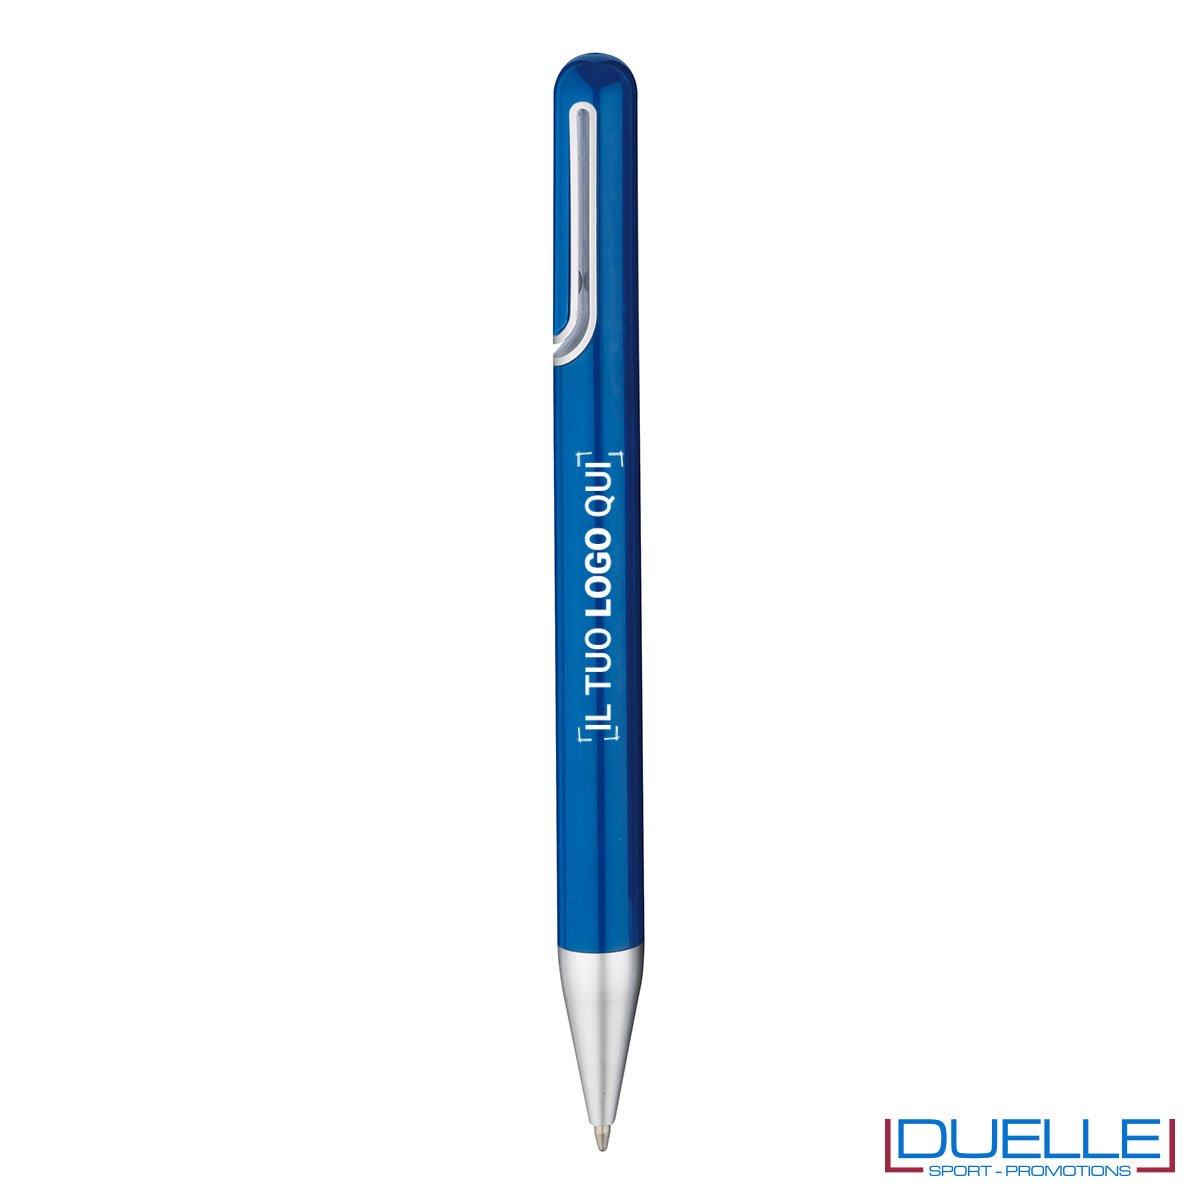 penna promozionale economica personalizzata in colore blu, penne promozionali personalizzate blu